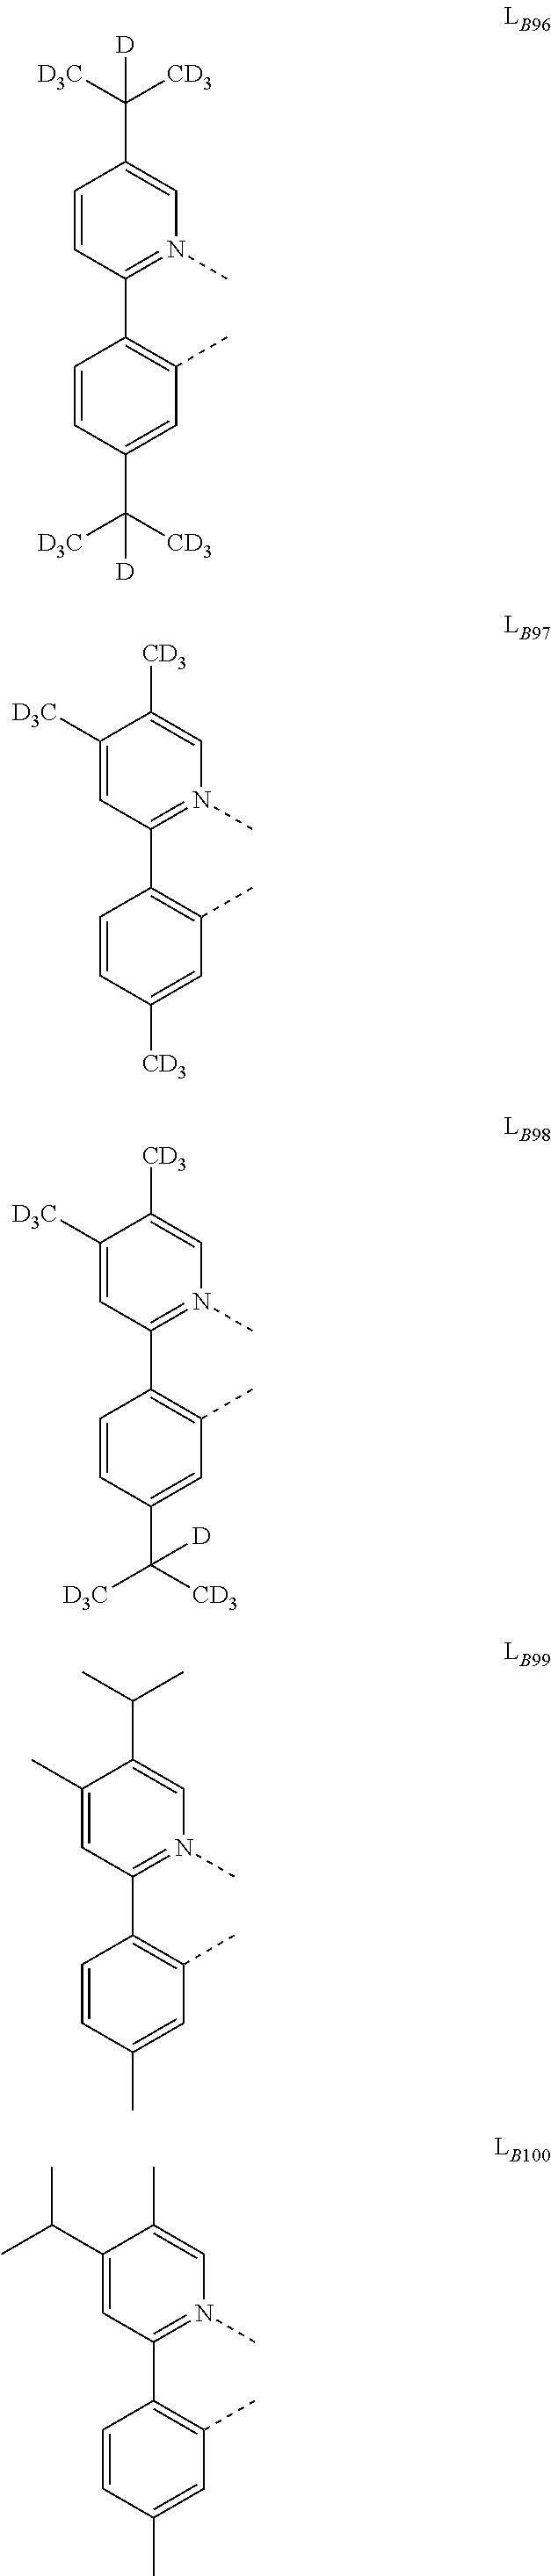 Figure US09929360-20180327-C00056